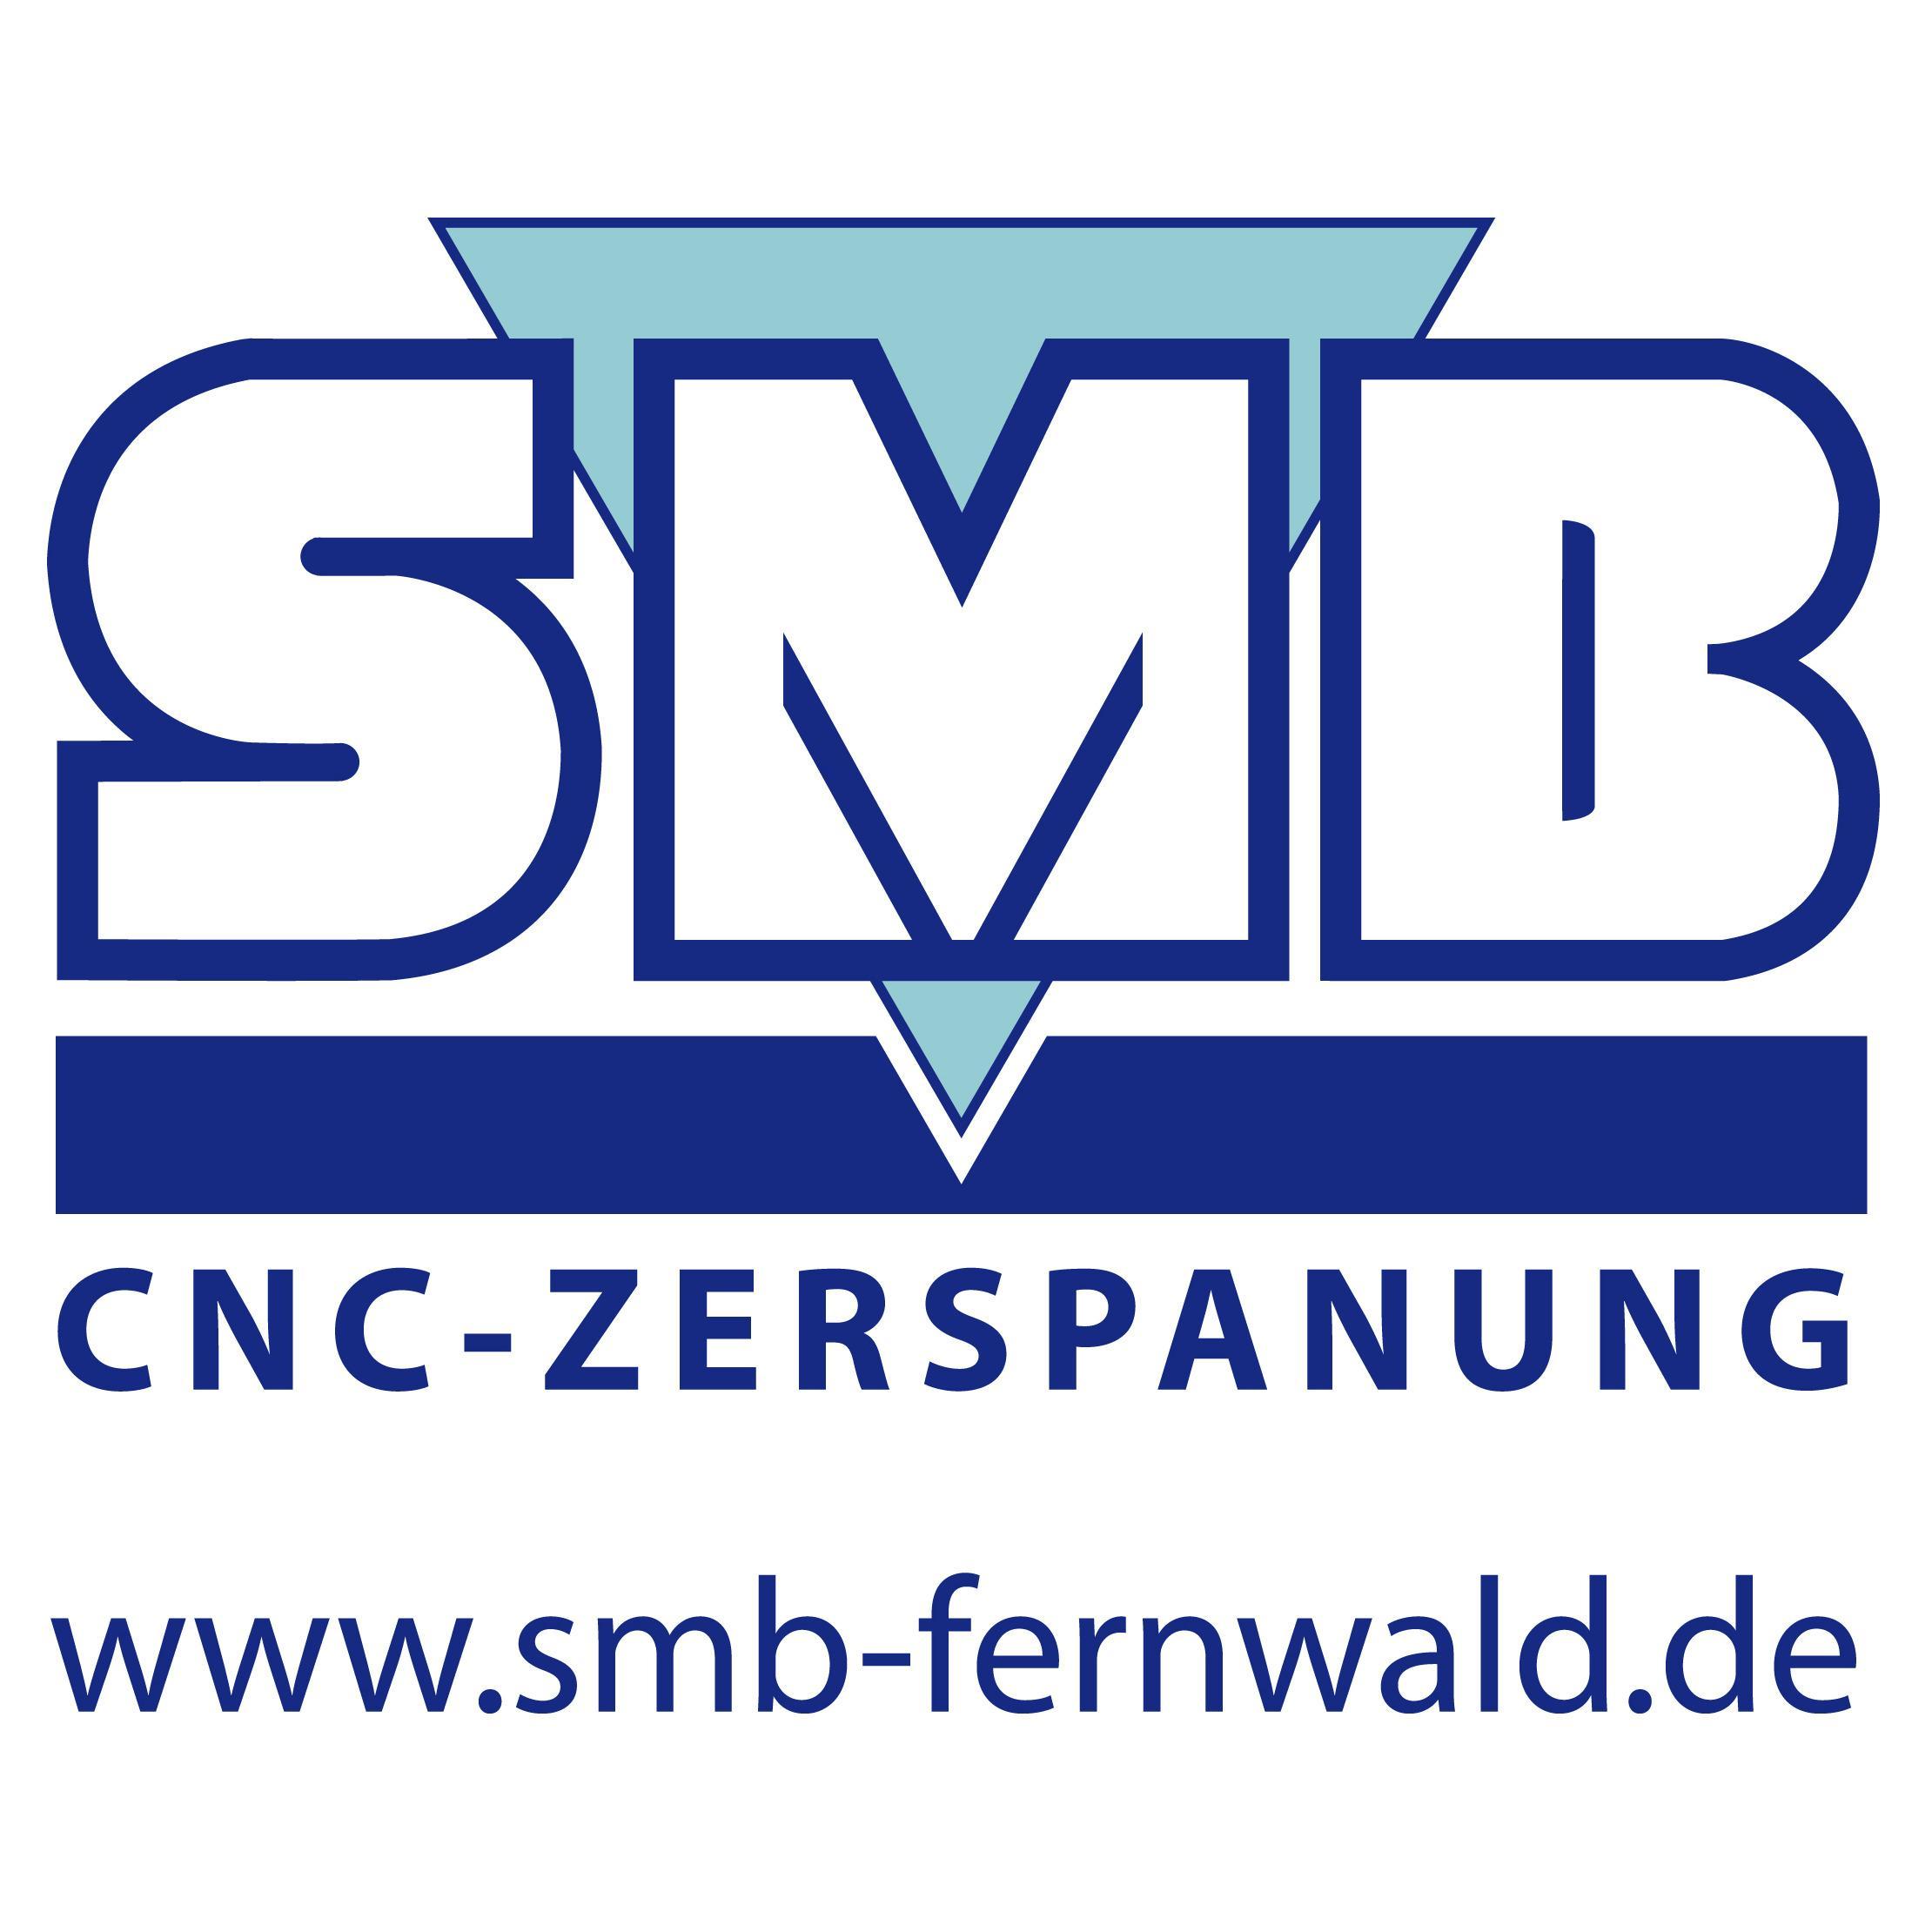 smb schr der mechanische bearbeitung gmbh in fernwald branchenbuch deutschland. Black Bedroom Furniture Sets. Home Design Ideas